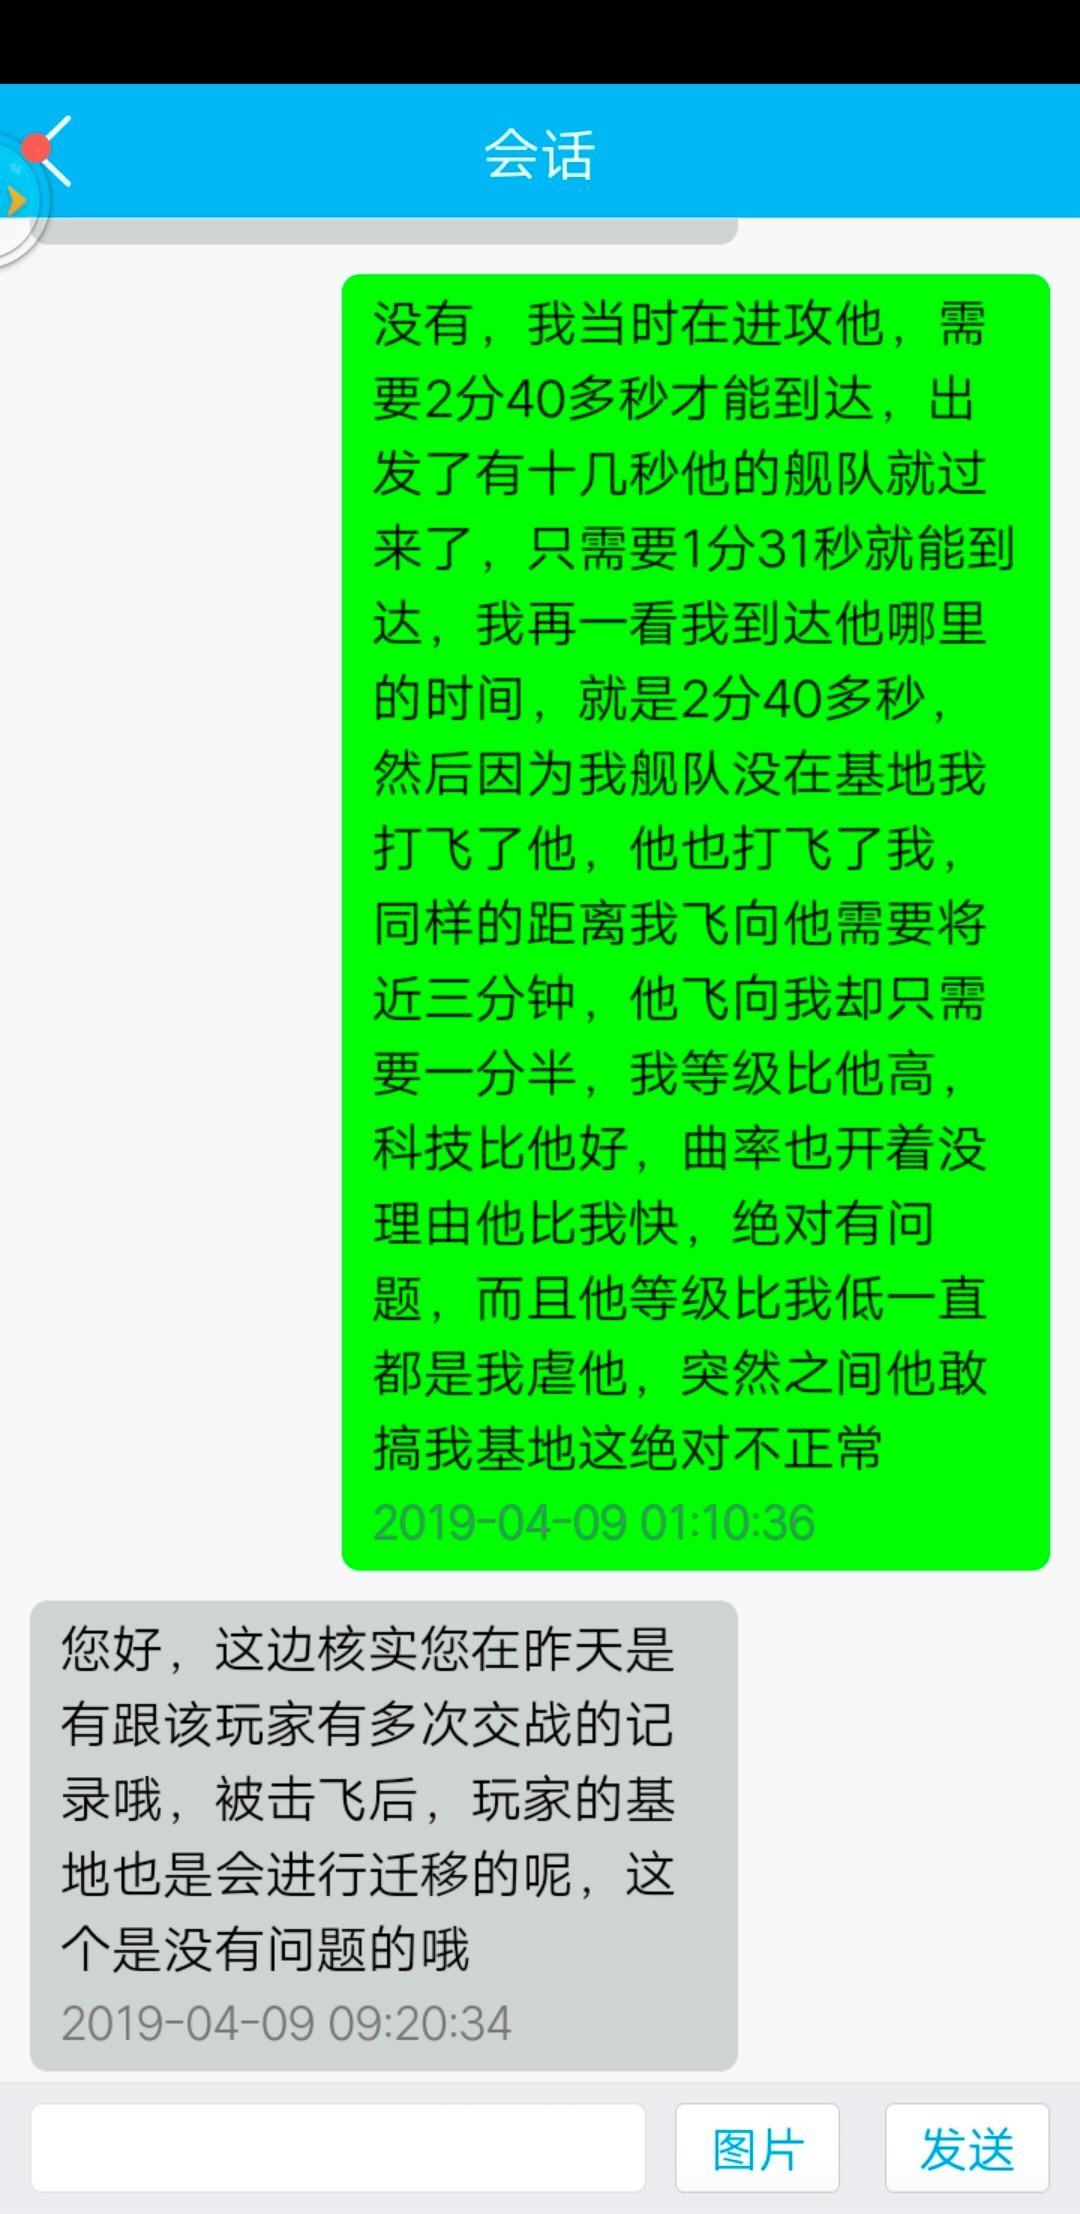 Screenshot_2019_0410_134811.jpg